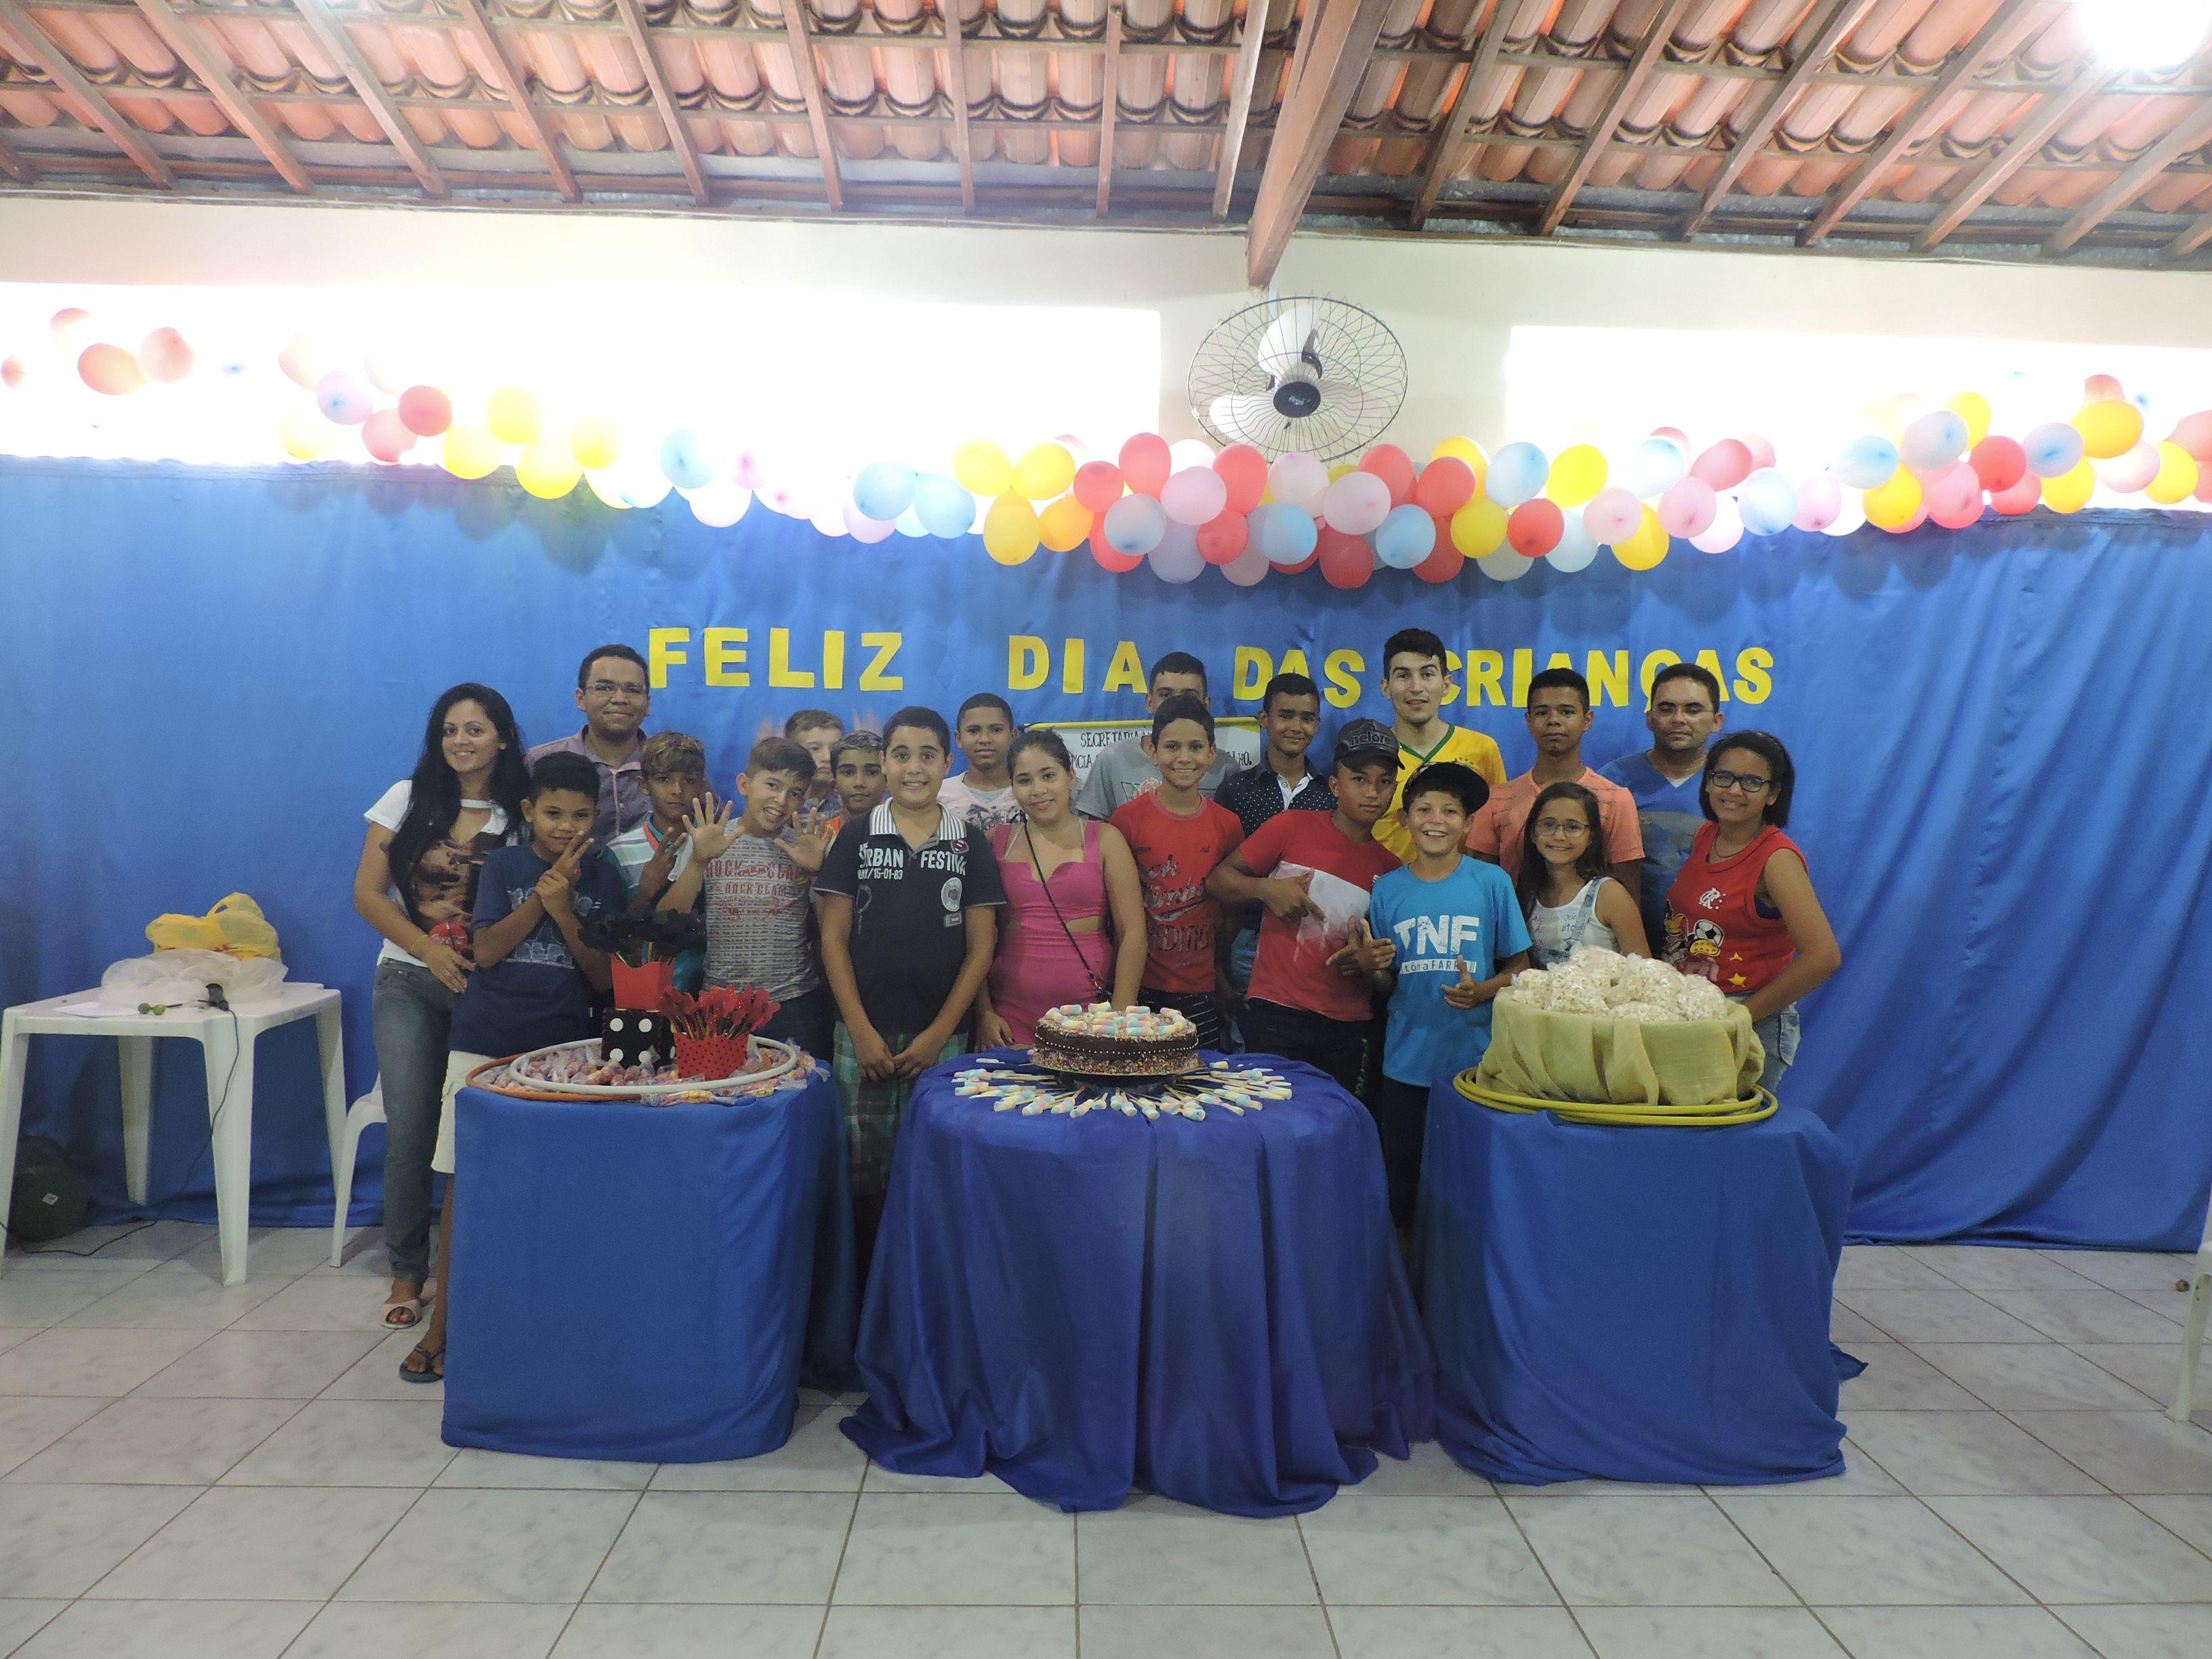 Serviço de Convivência e Fortalecimento de Vínculos Comemora o Dia das Crianças